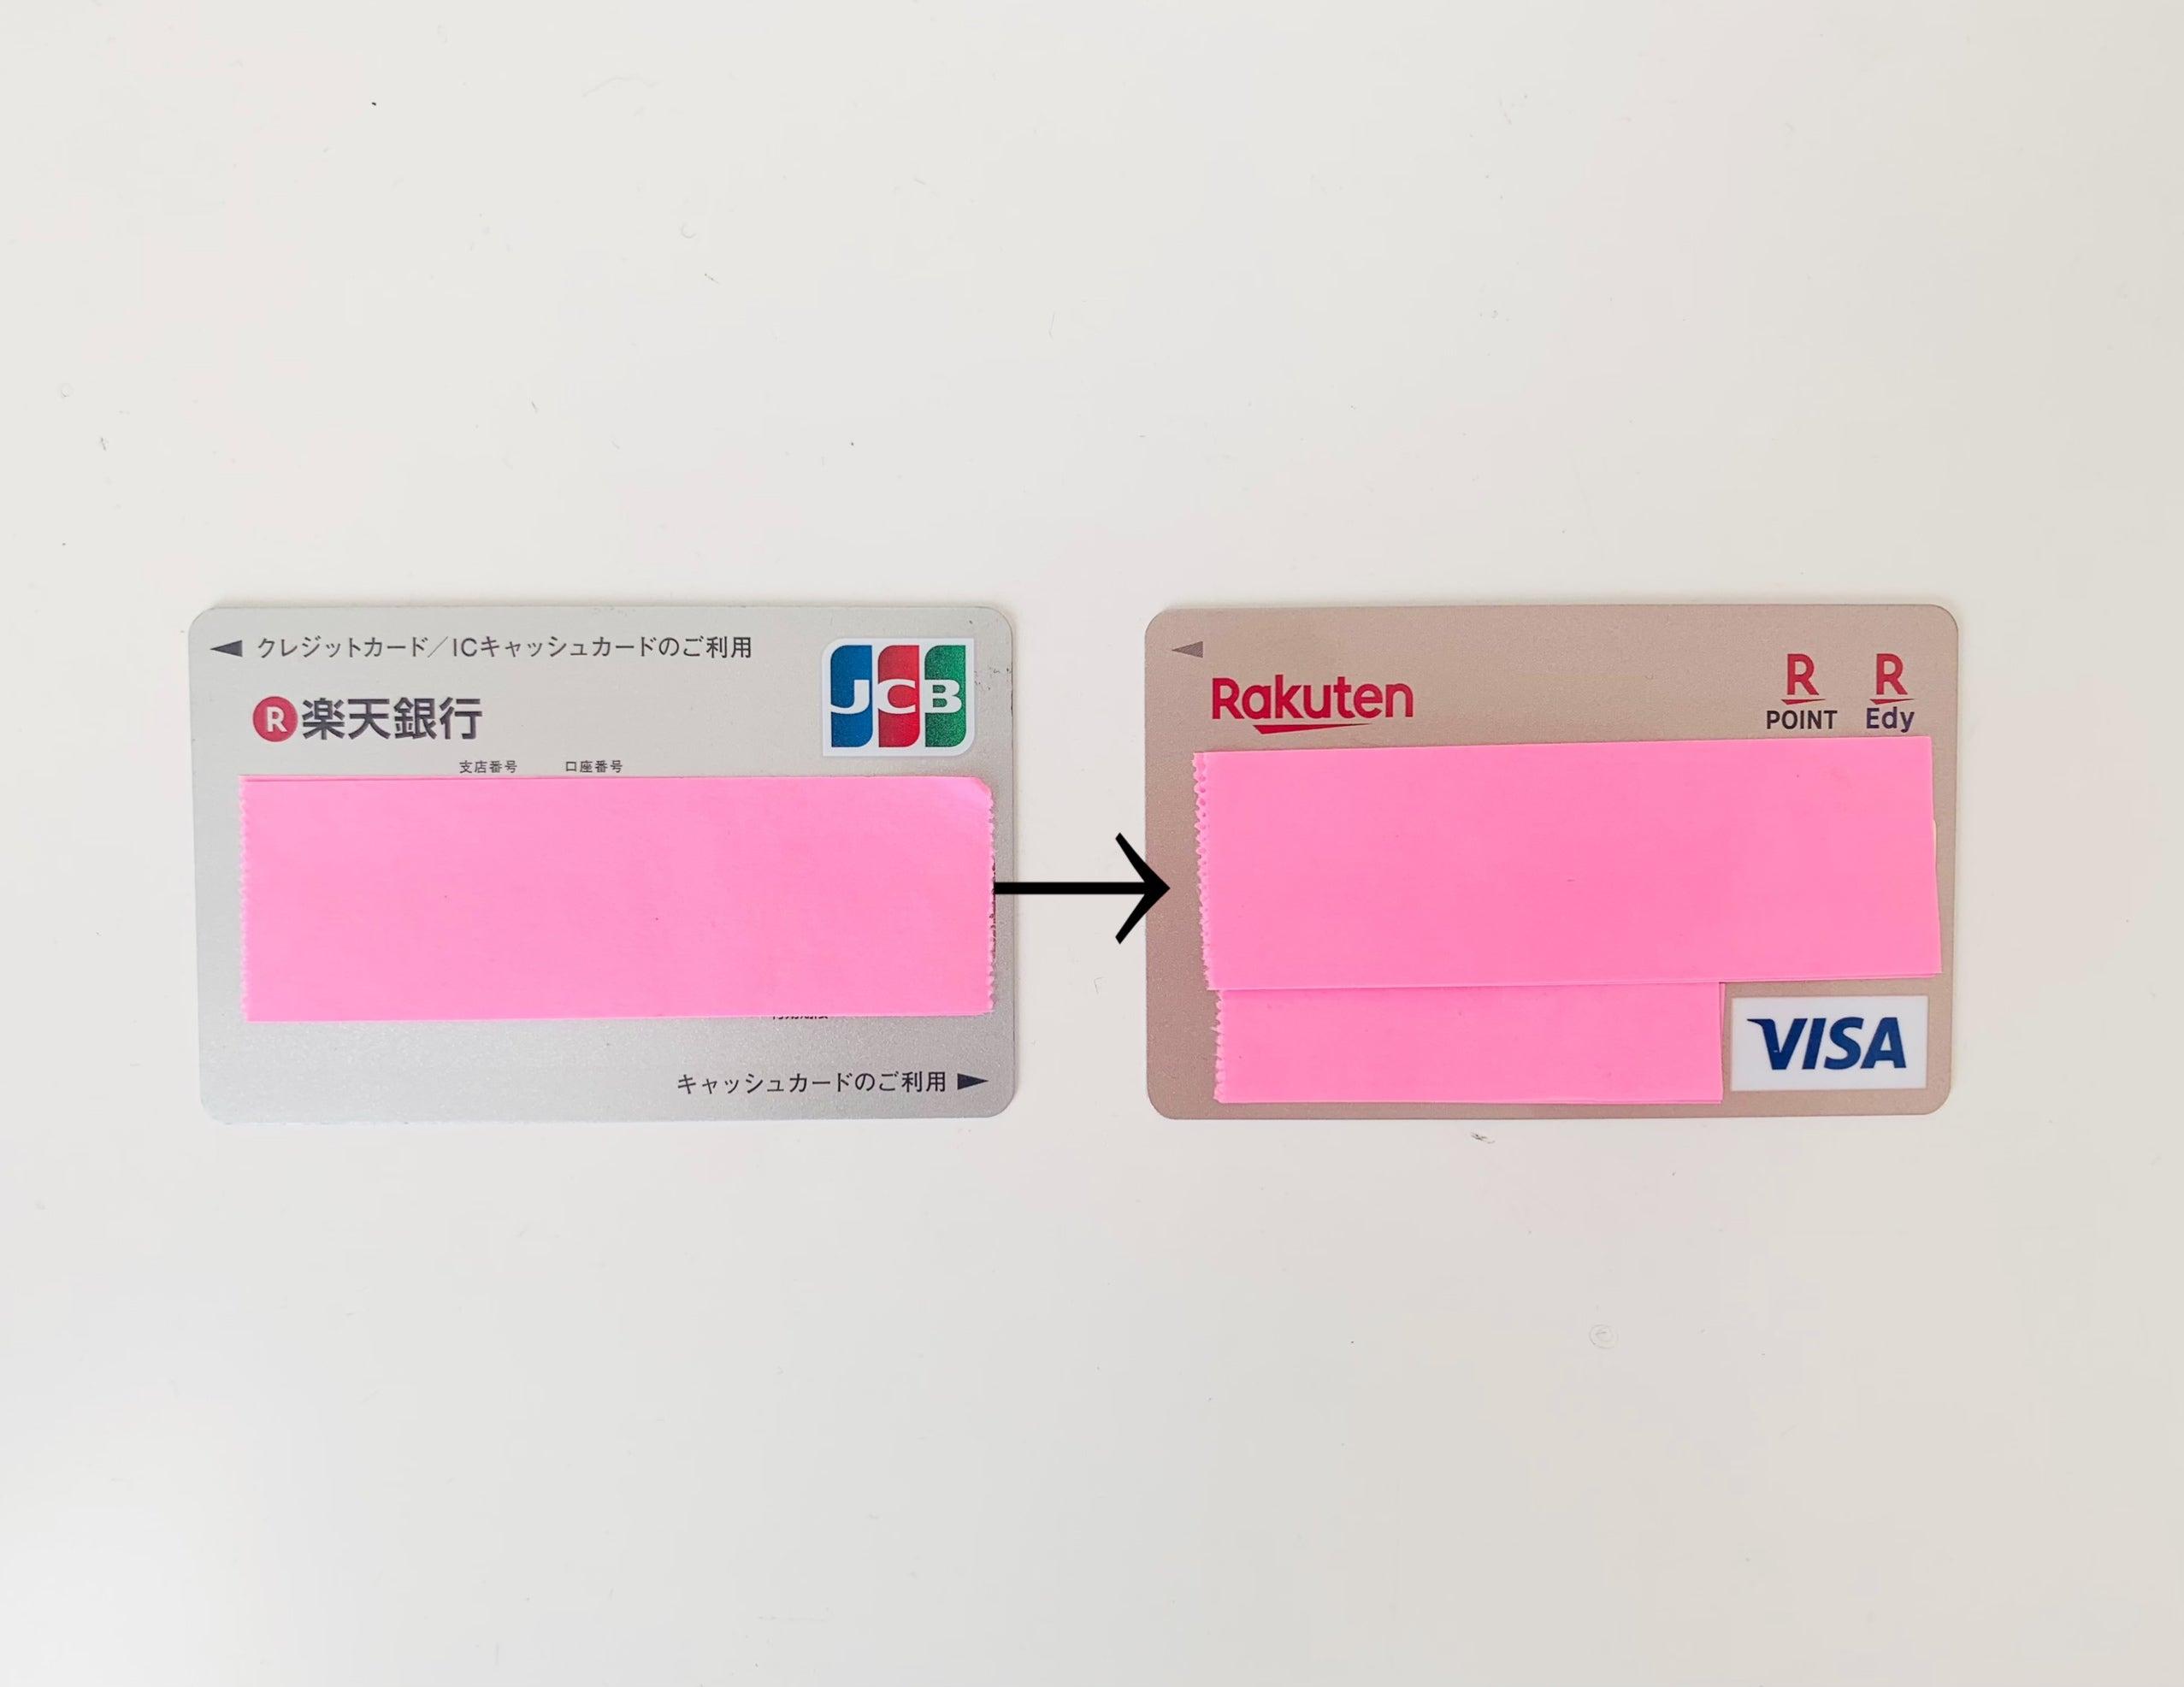 銀行 カード 楽天 キャッシュ